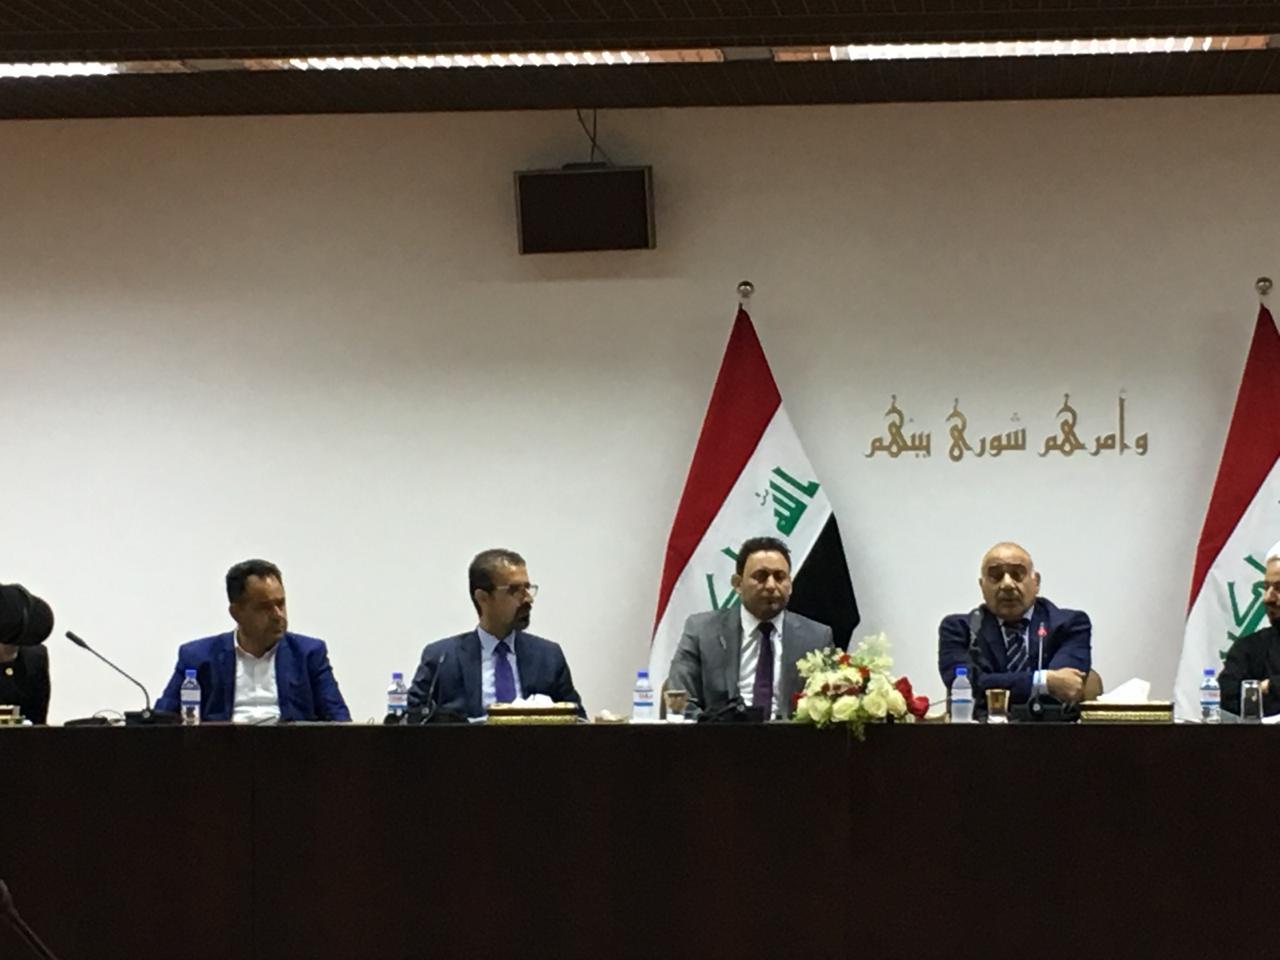 عبدالمهدي يدعو إلى تعزيز التعاون بين البرلمان والحكومة